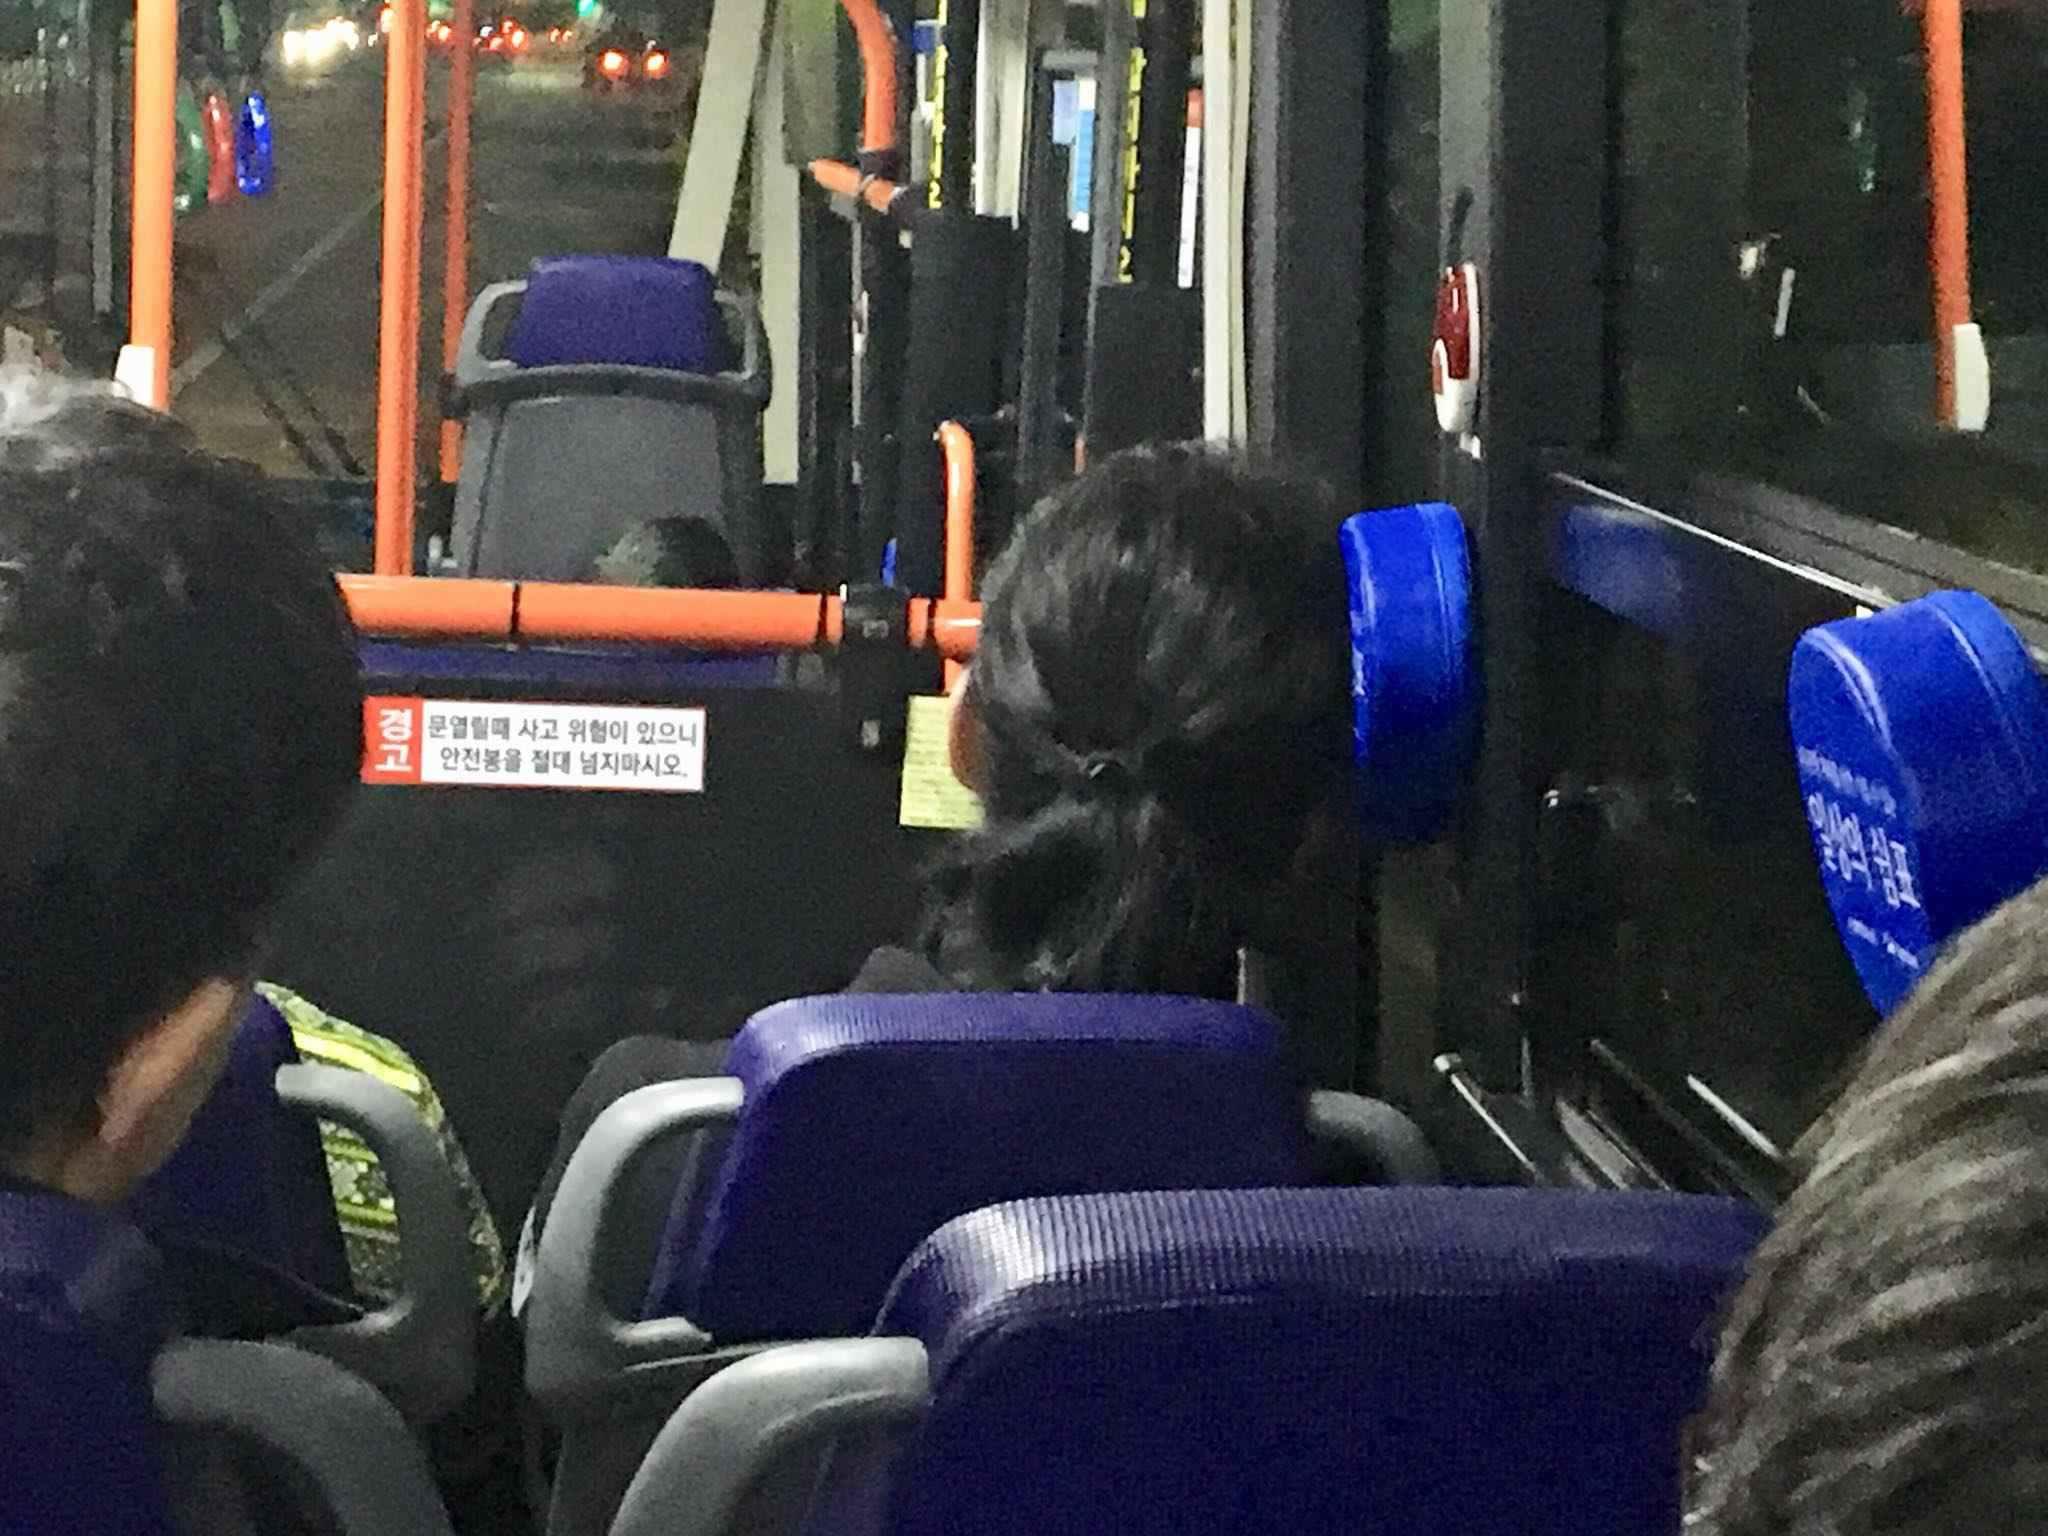 這些「逗號枕頭」位在靠窗的位置,讓回家的路上市民們可以靠在枕頭上稍做休息,製造了舒適的通勤環境